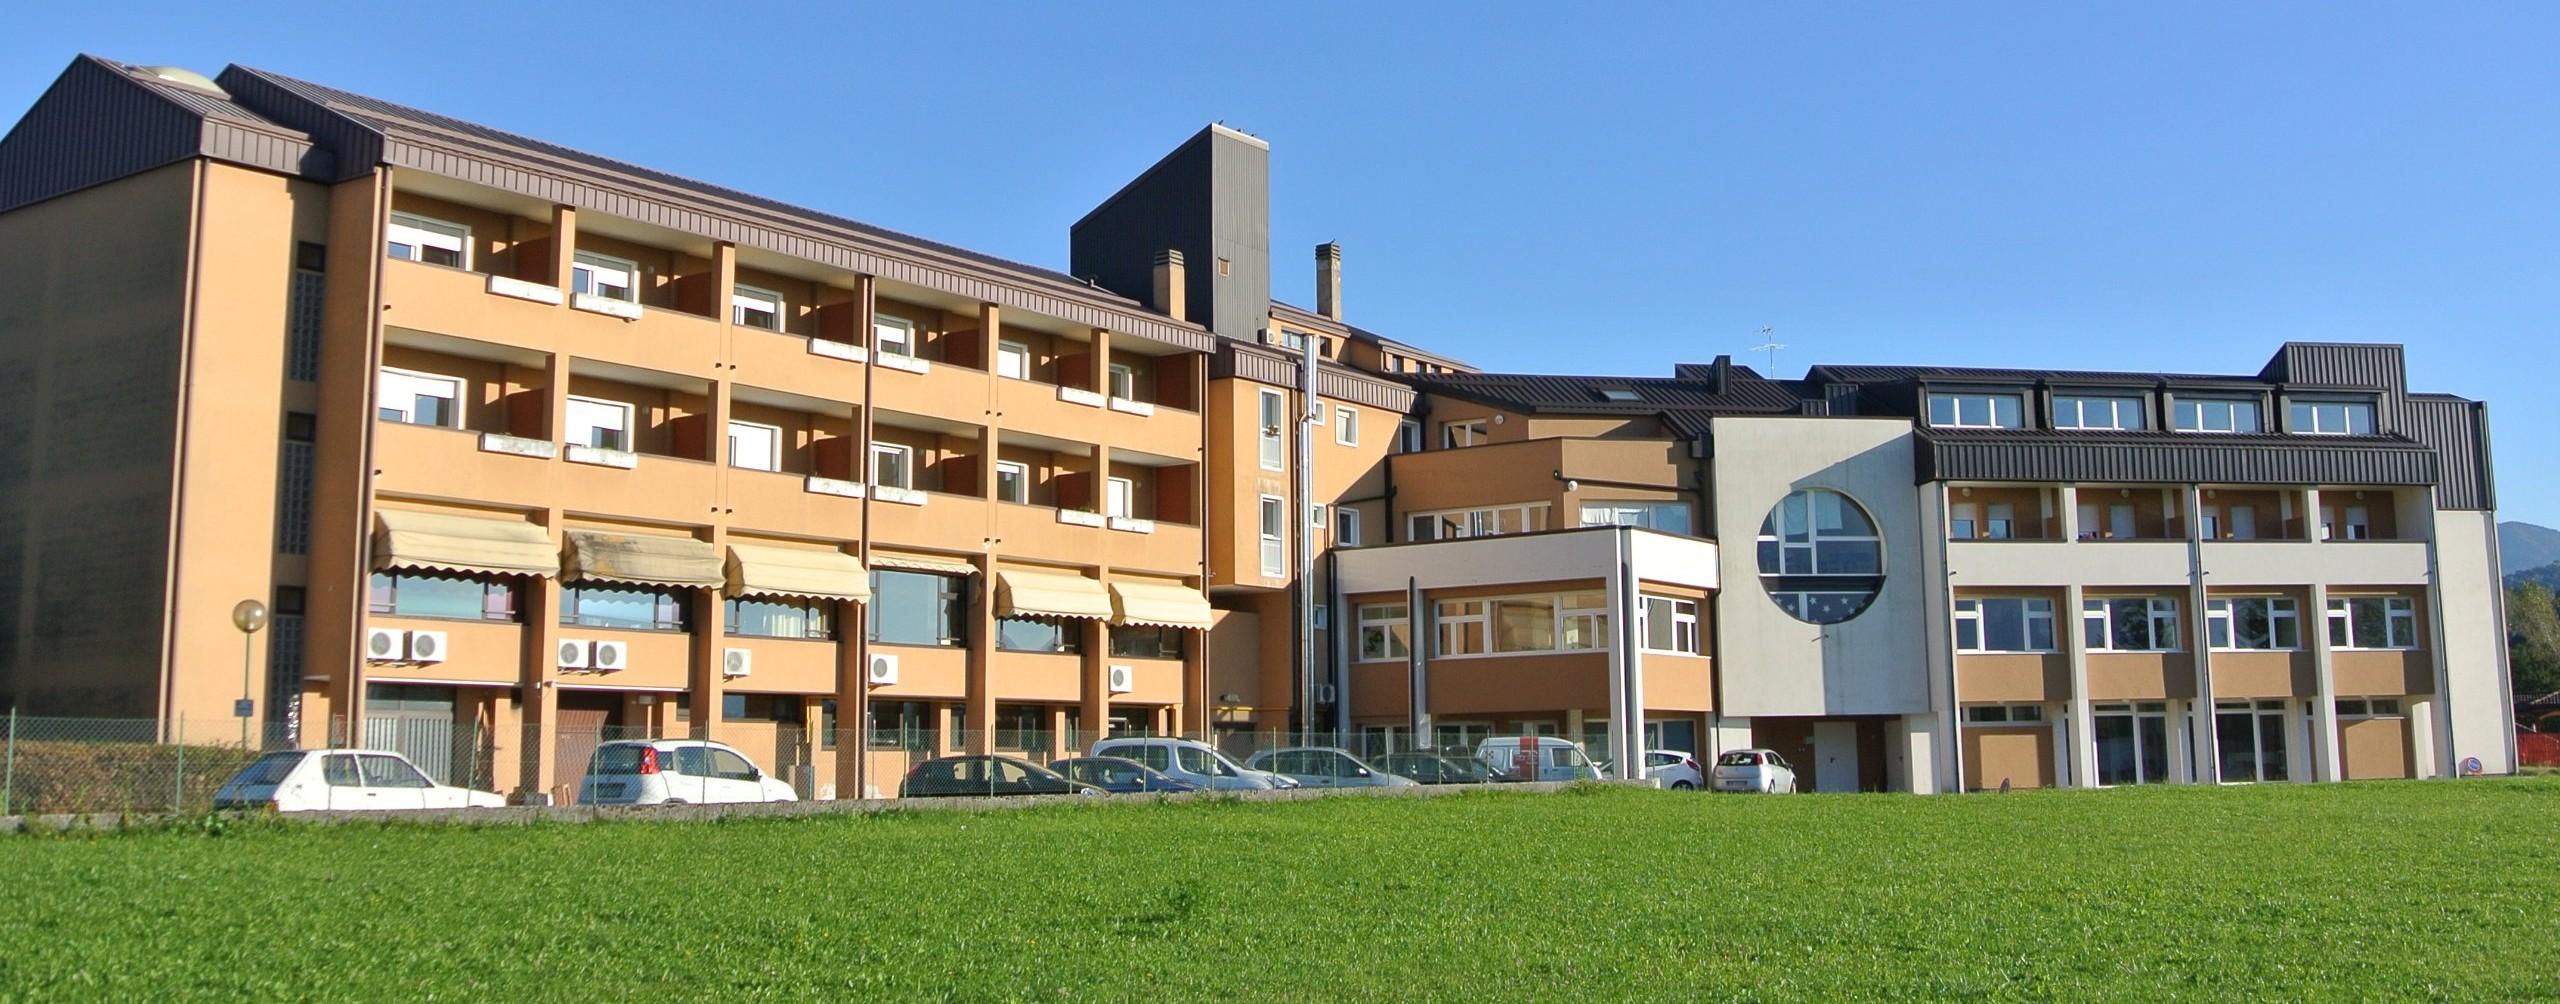 Casa di riposo di limana struttura limana servizi for Piani di progettazione di case di riposo